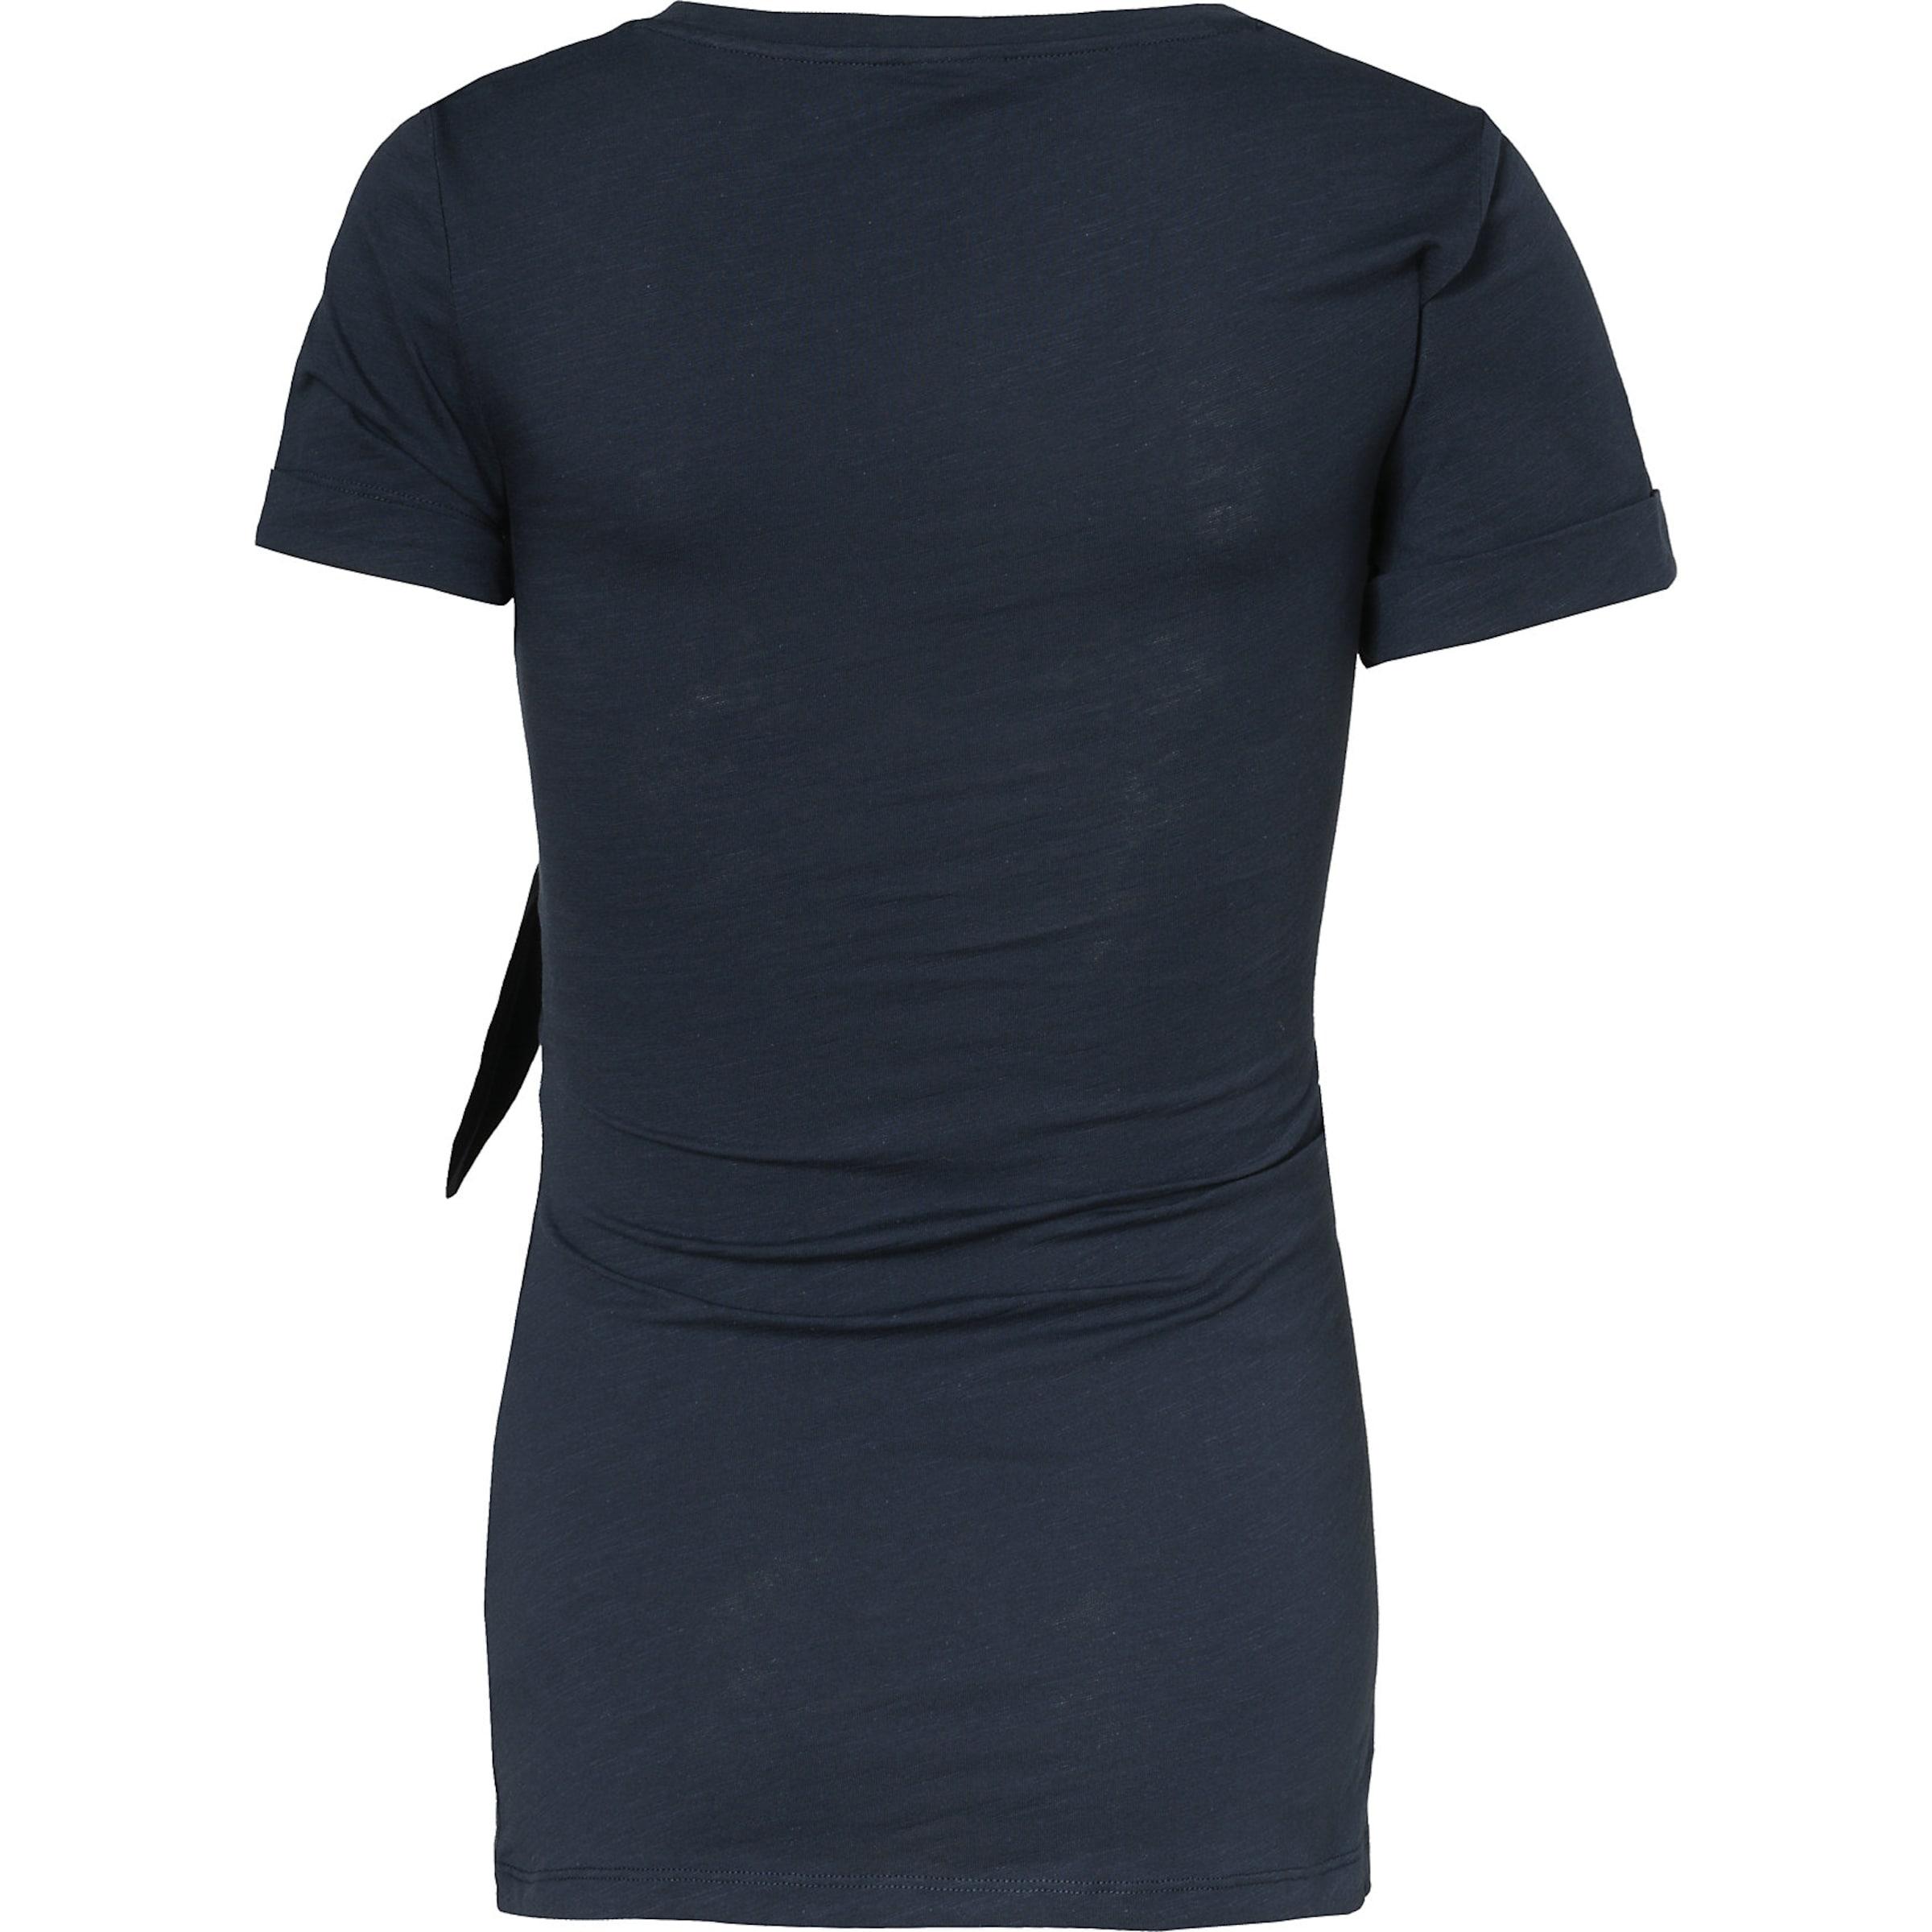 Shirt In Nachtblau Nachtblau Boob Boob In Boob Shirt 2HED9WIbeY